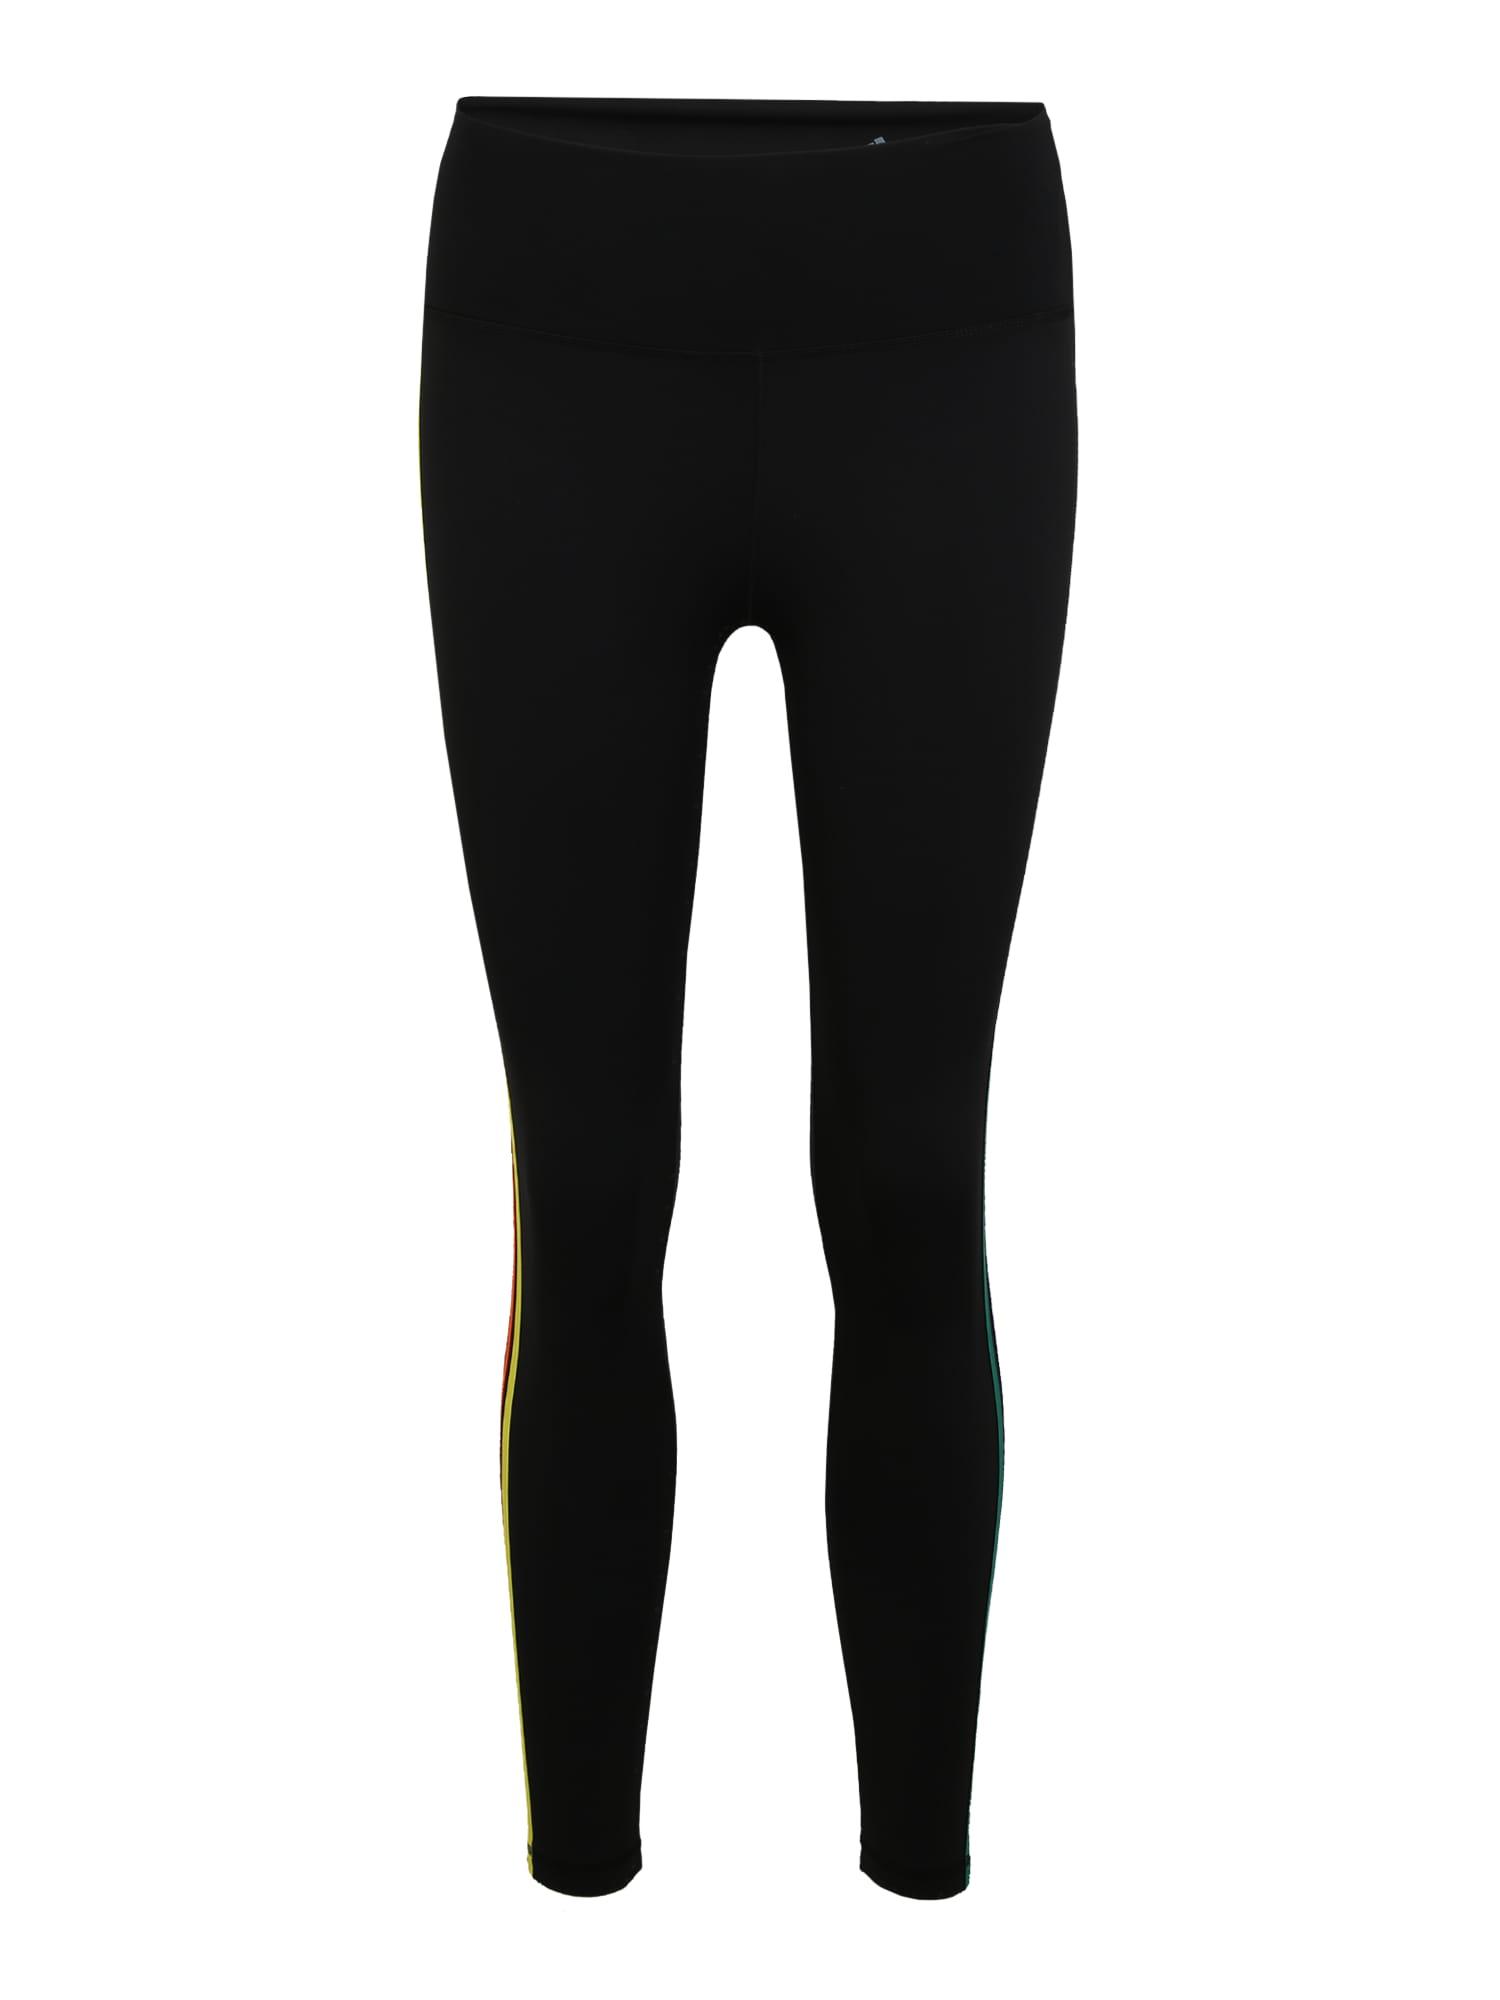 ADIDAS PERFORMANCE Sportinės kelnės juoda / mišrios spalvos